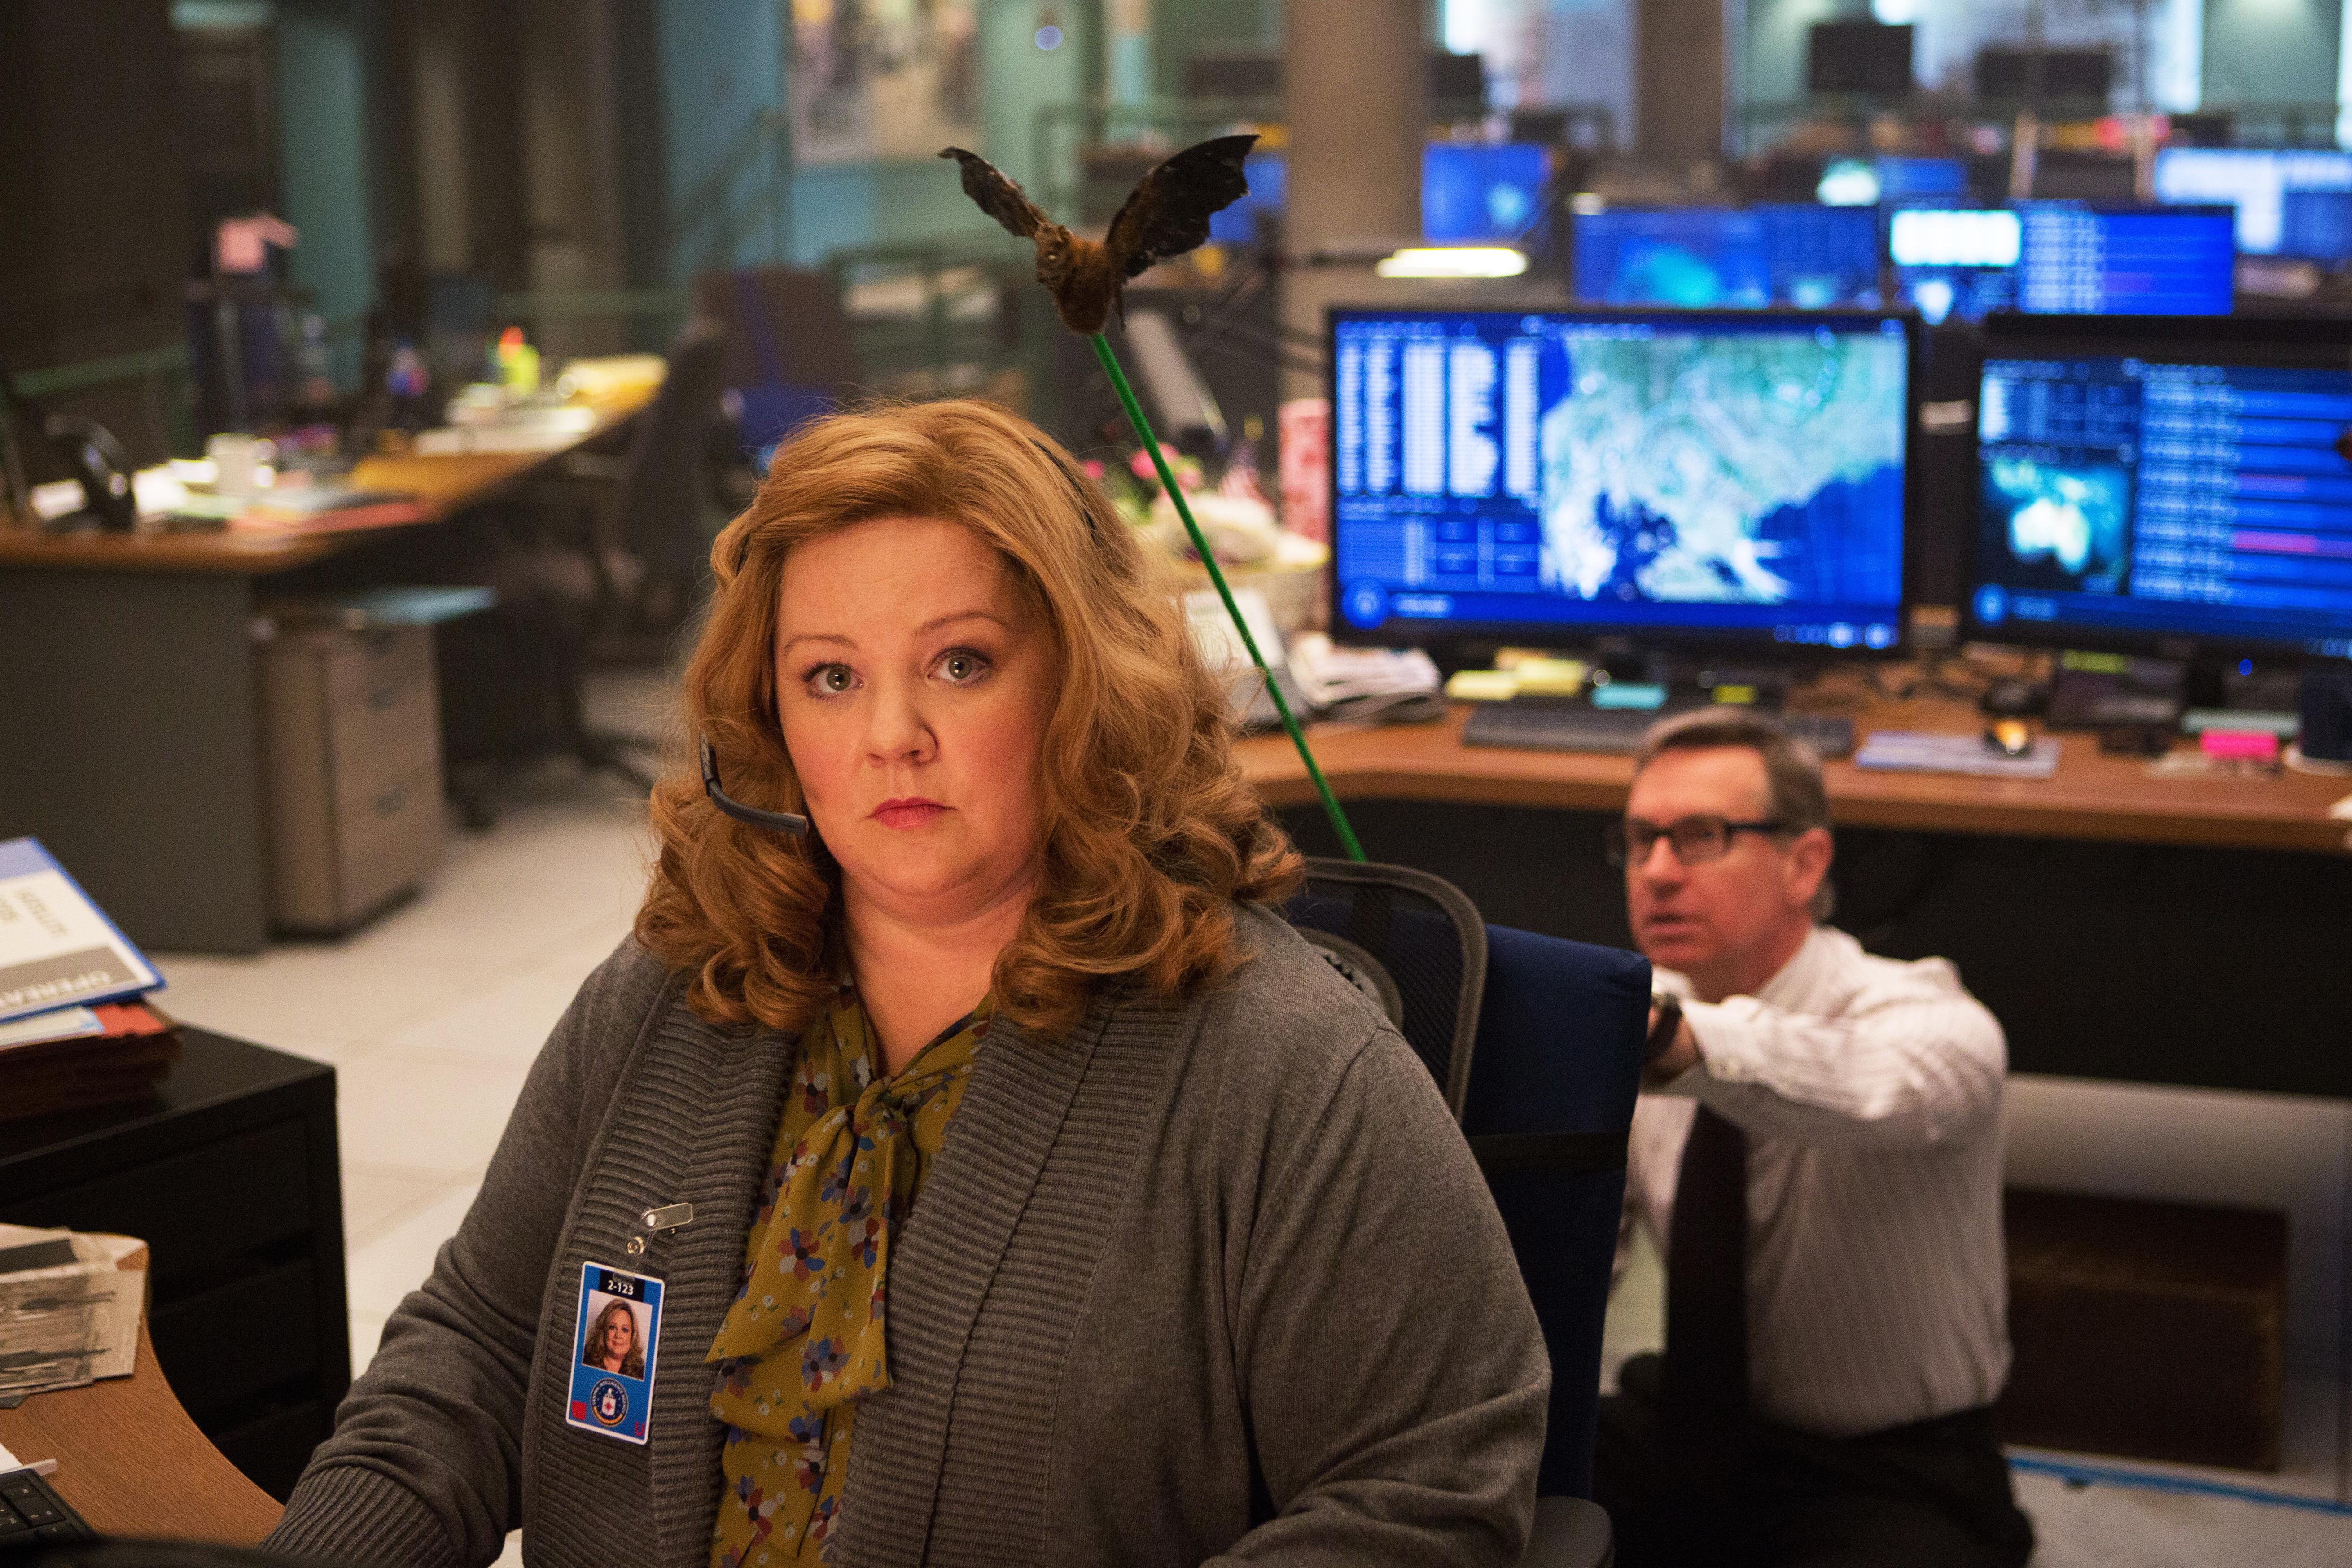 Melissa McCarthy as Susan Cooper in Spy, 2015.